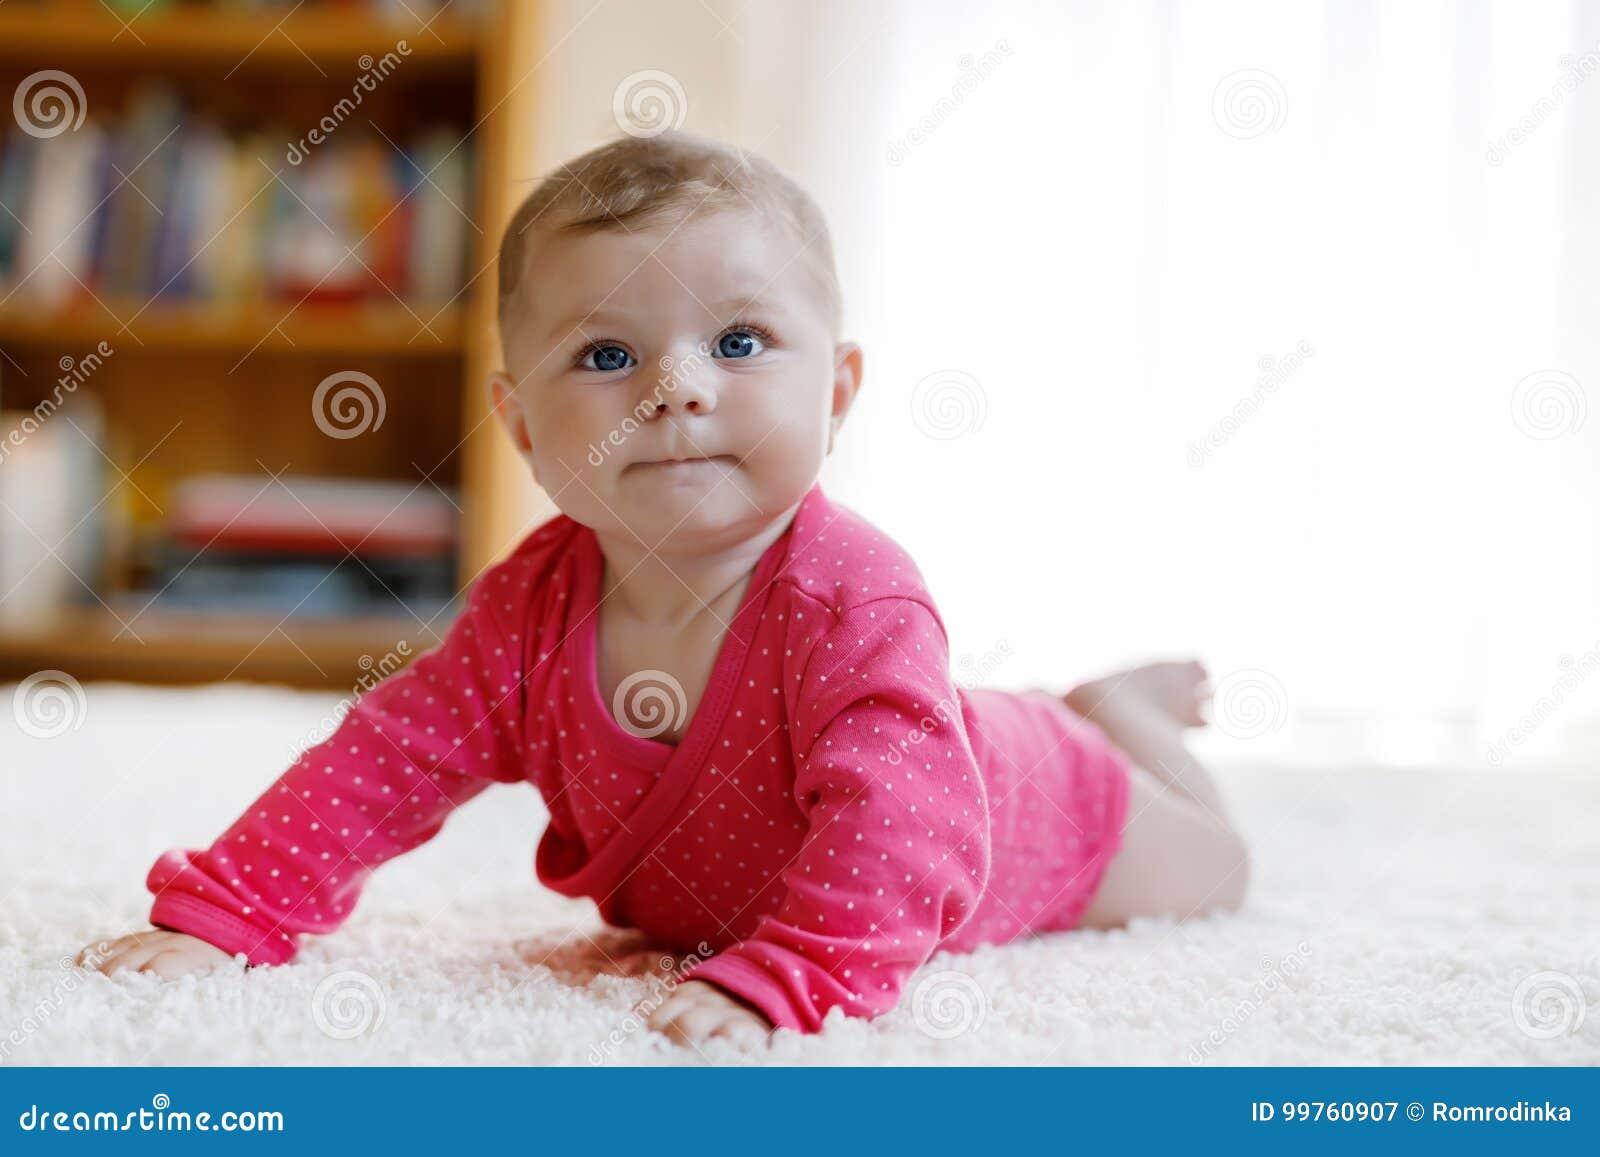 21dc127bc5 Neonata con gli occhi azzurri che si trovano sulla pancia Scuola materna  per i bambini Tessuto e lettiera per i bambini Ragazza neonata sveglia  felice ...